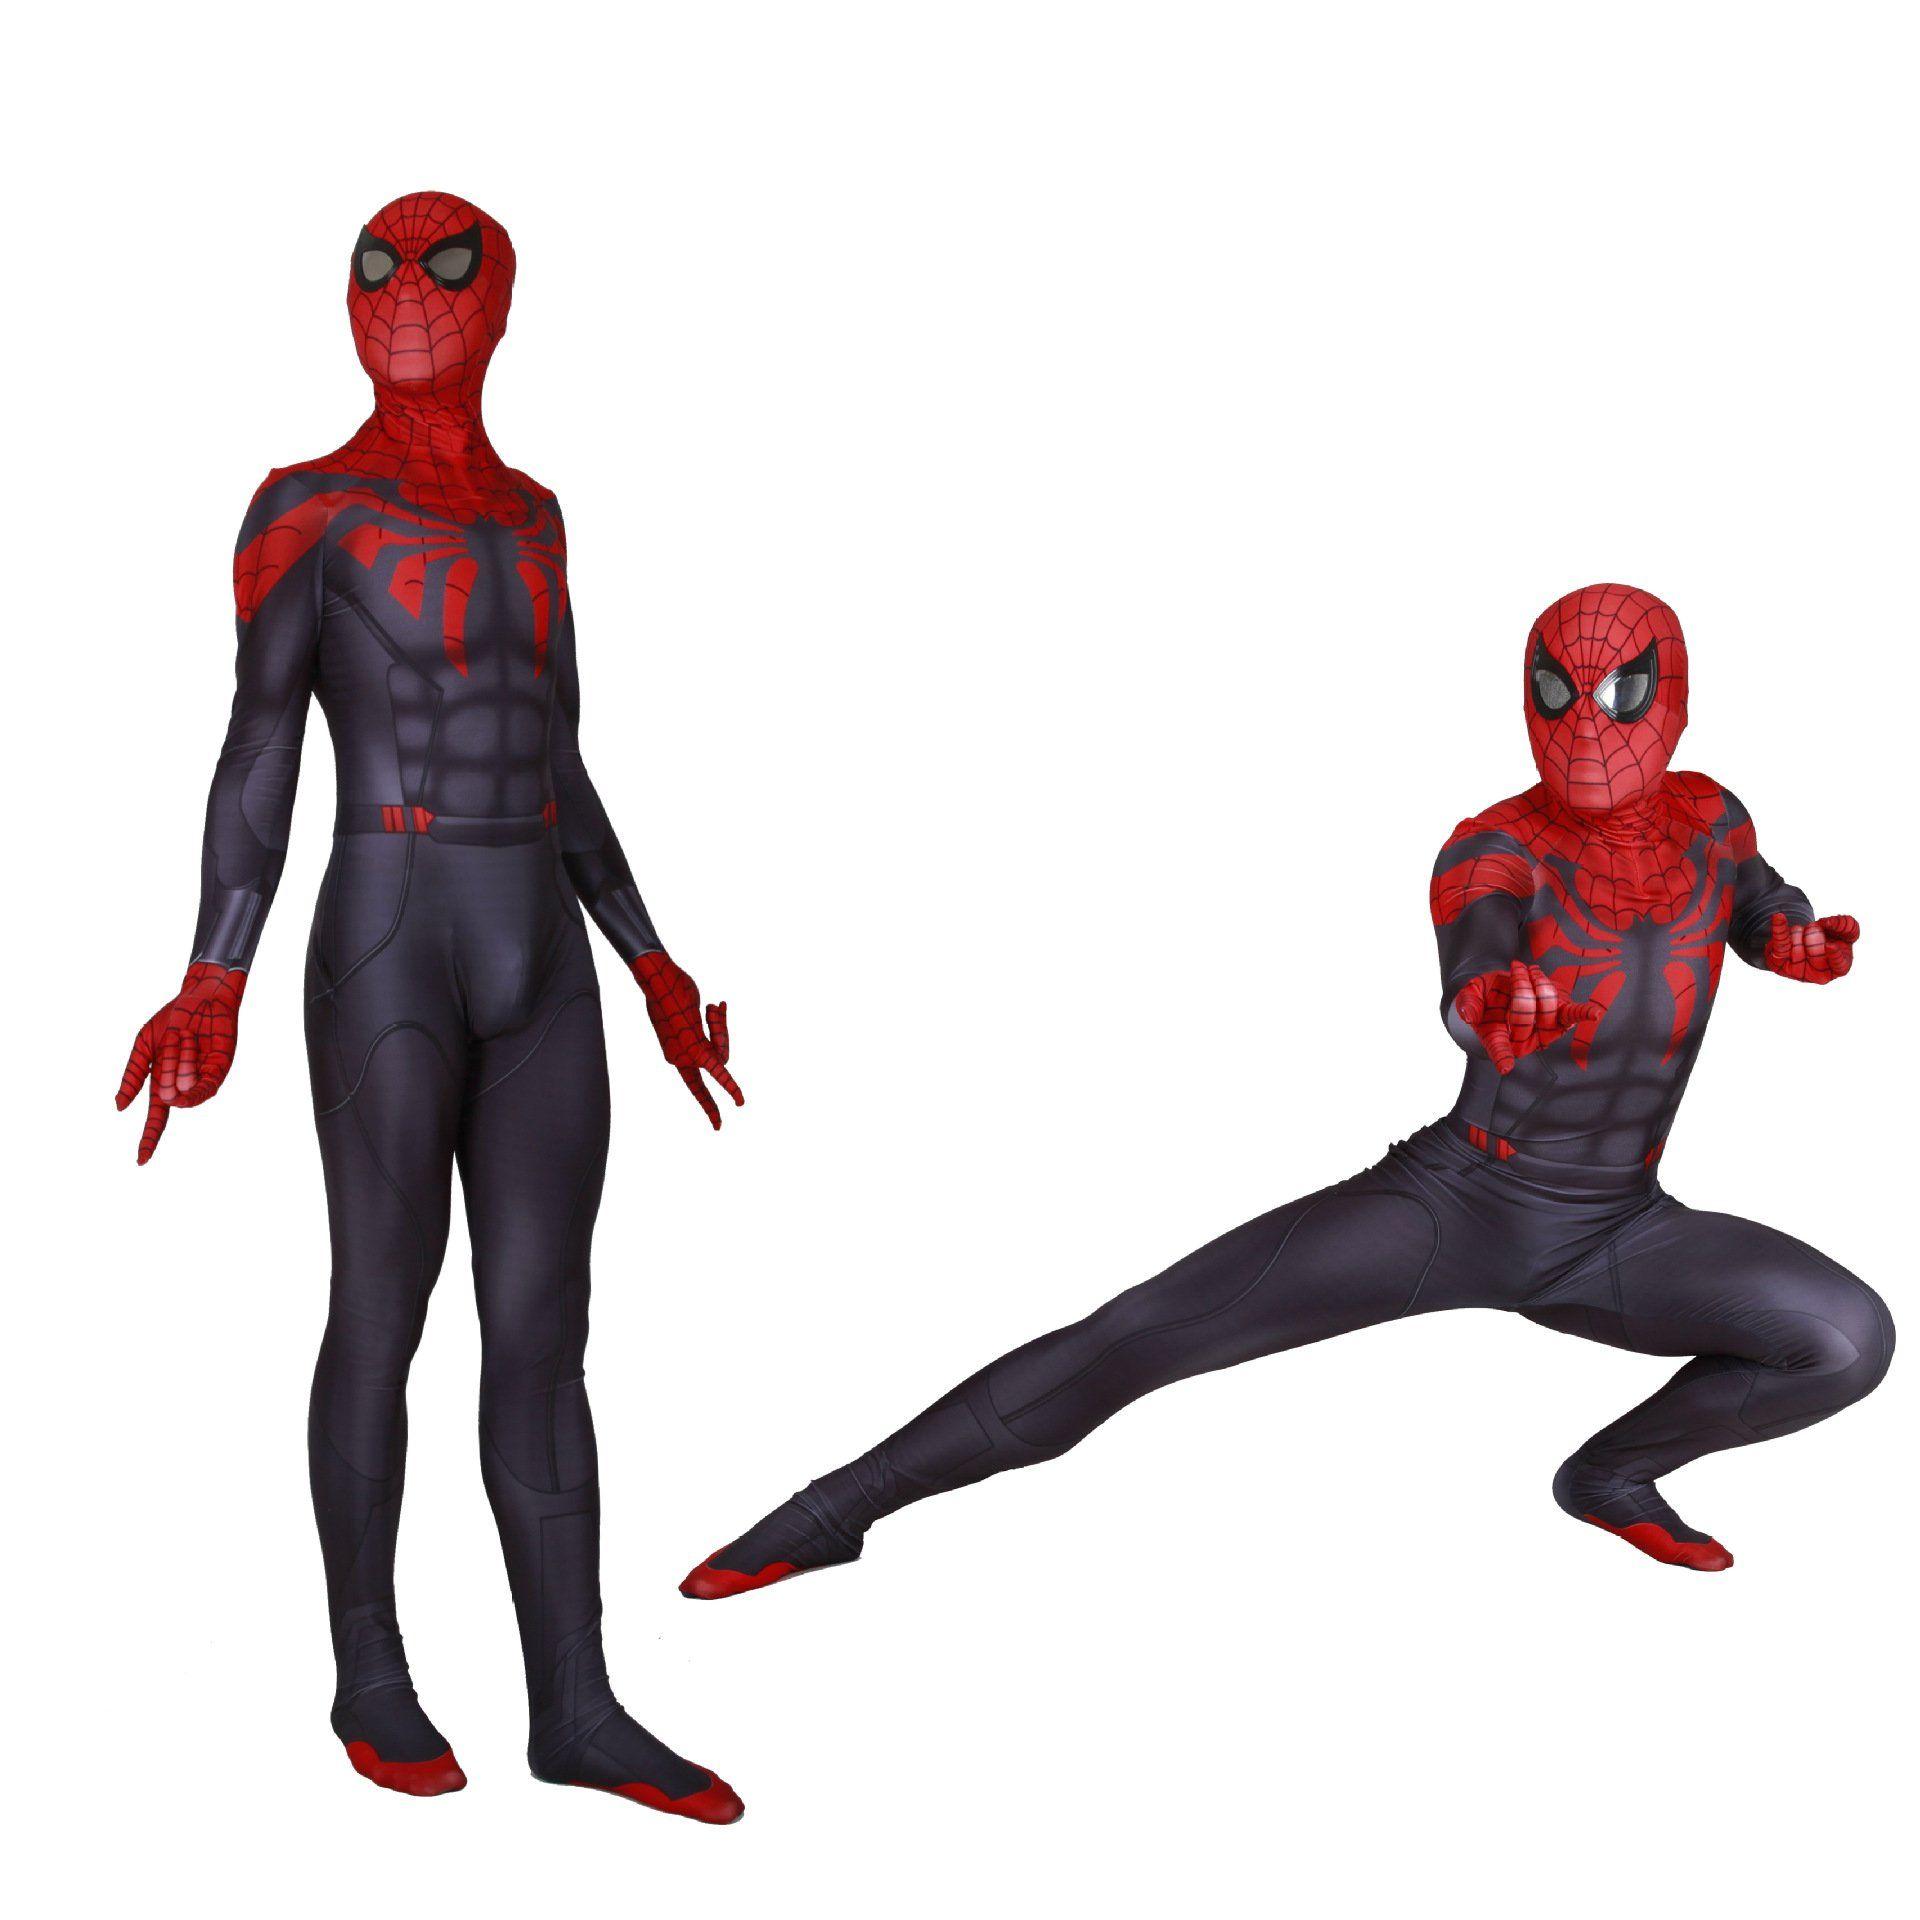 Superior Spider-Man Costume Halloween Cosplay Spiderman Bodysuit Spandex Suit